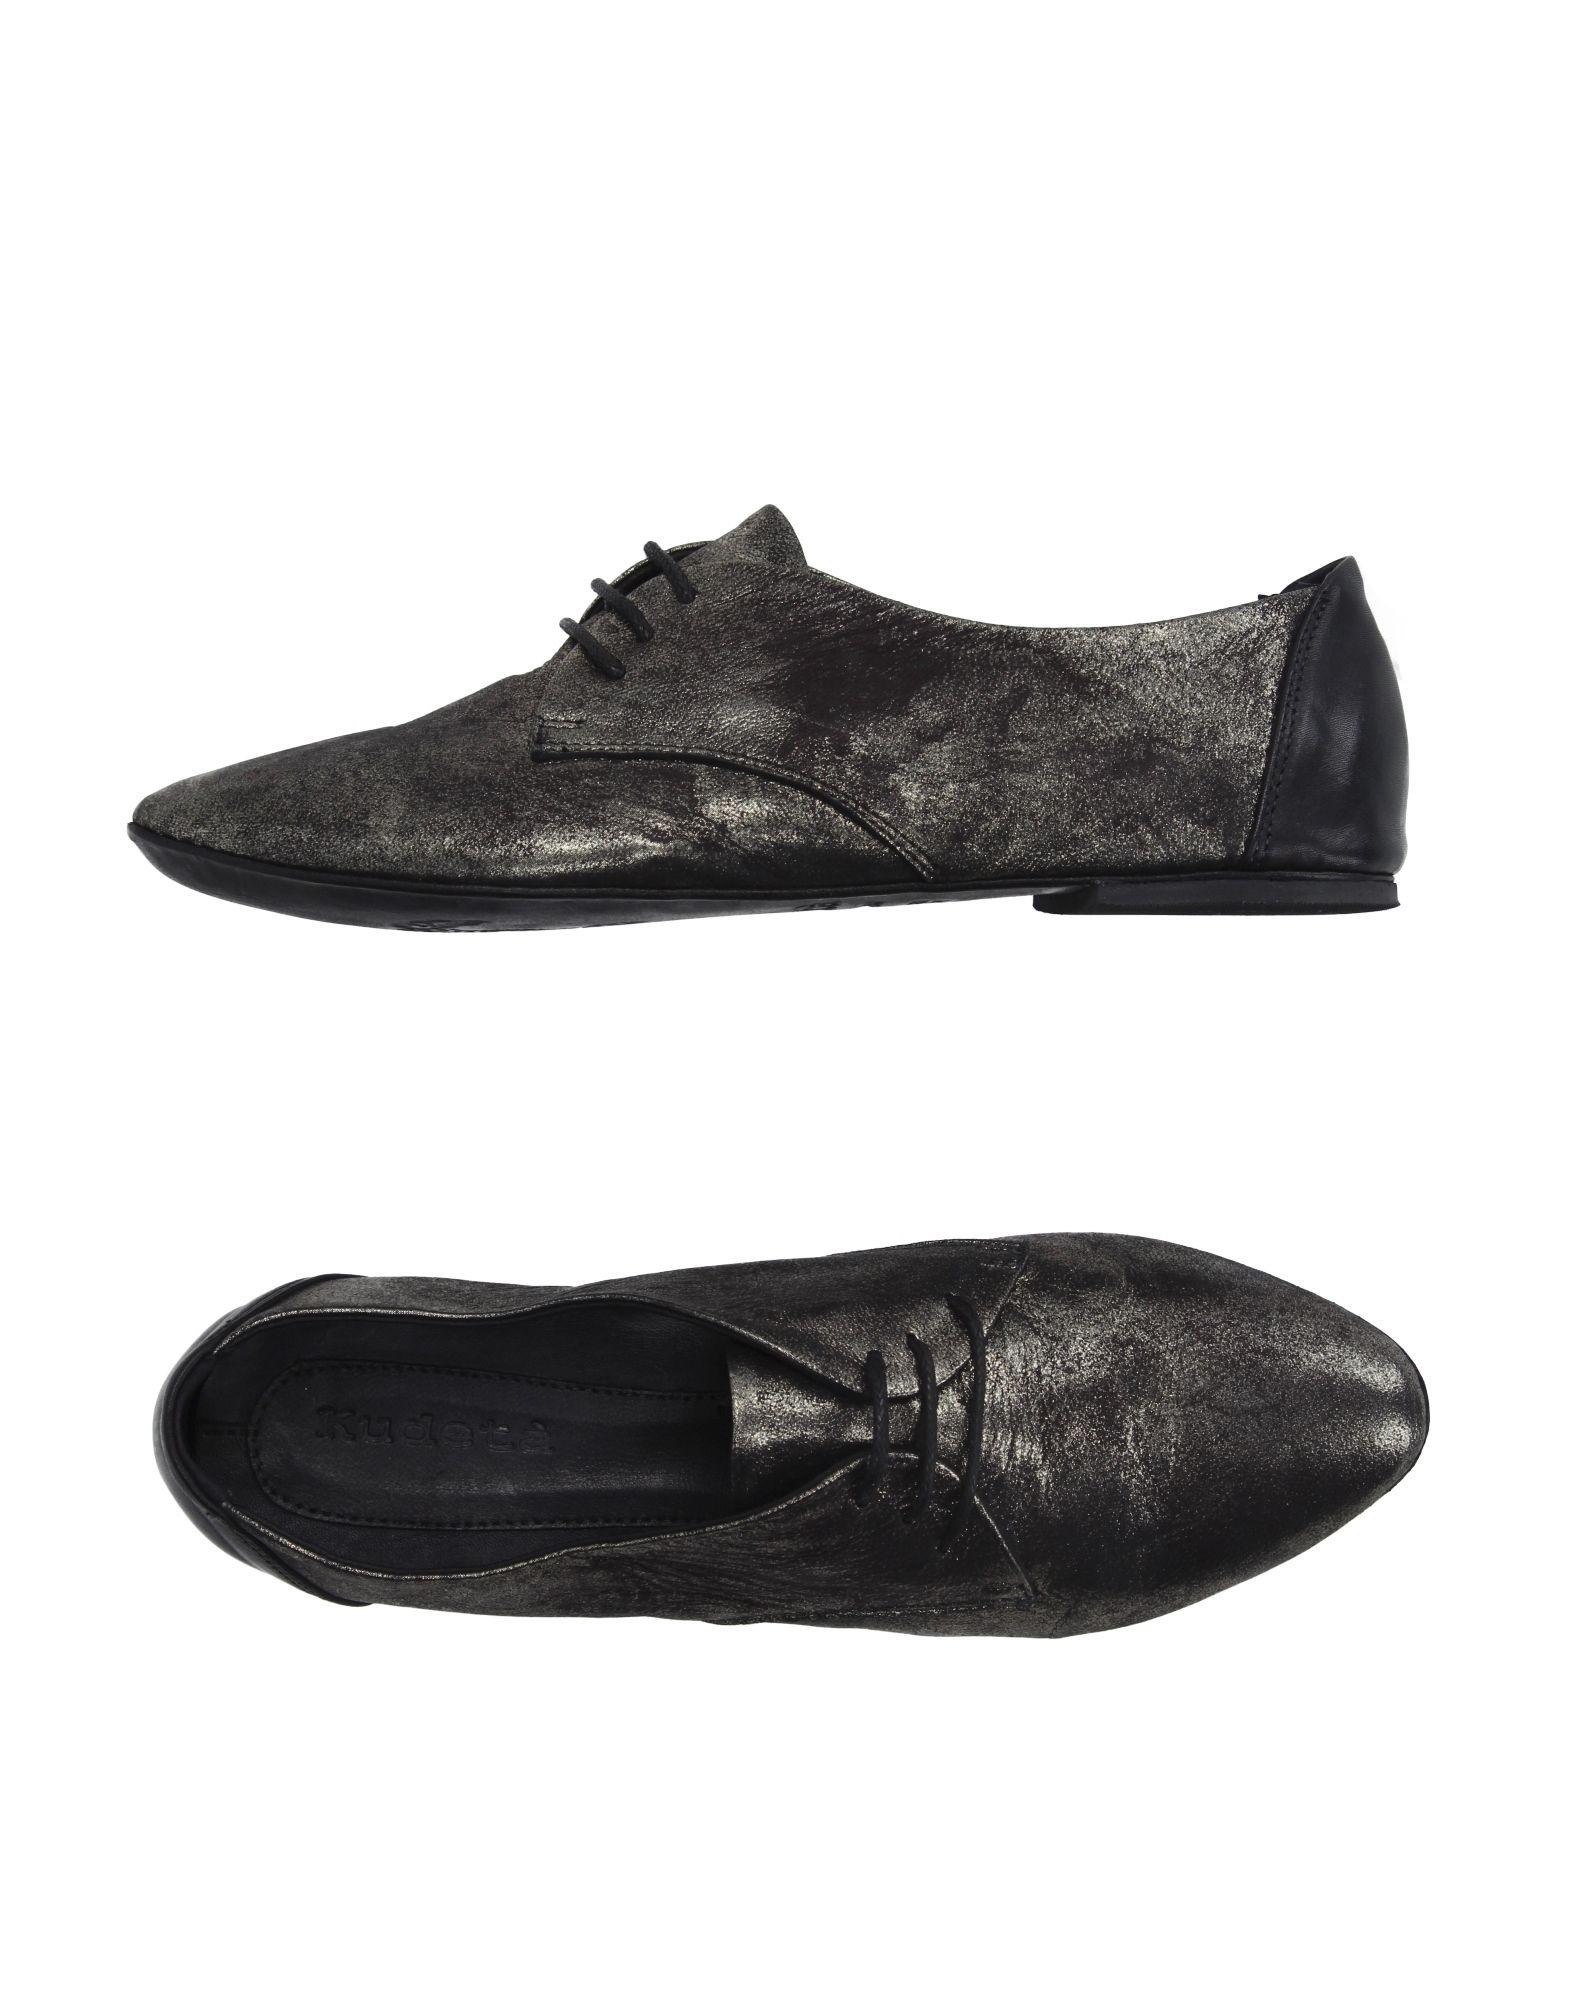 Kudetà 44985179XH Schnürschuhe Damen  44985179XH Kudetà Gute Qualität beliebte Schuhe b3e57c